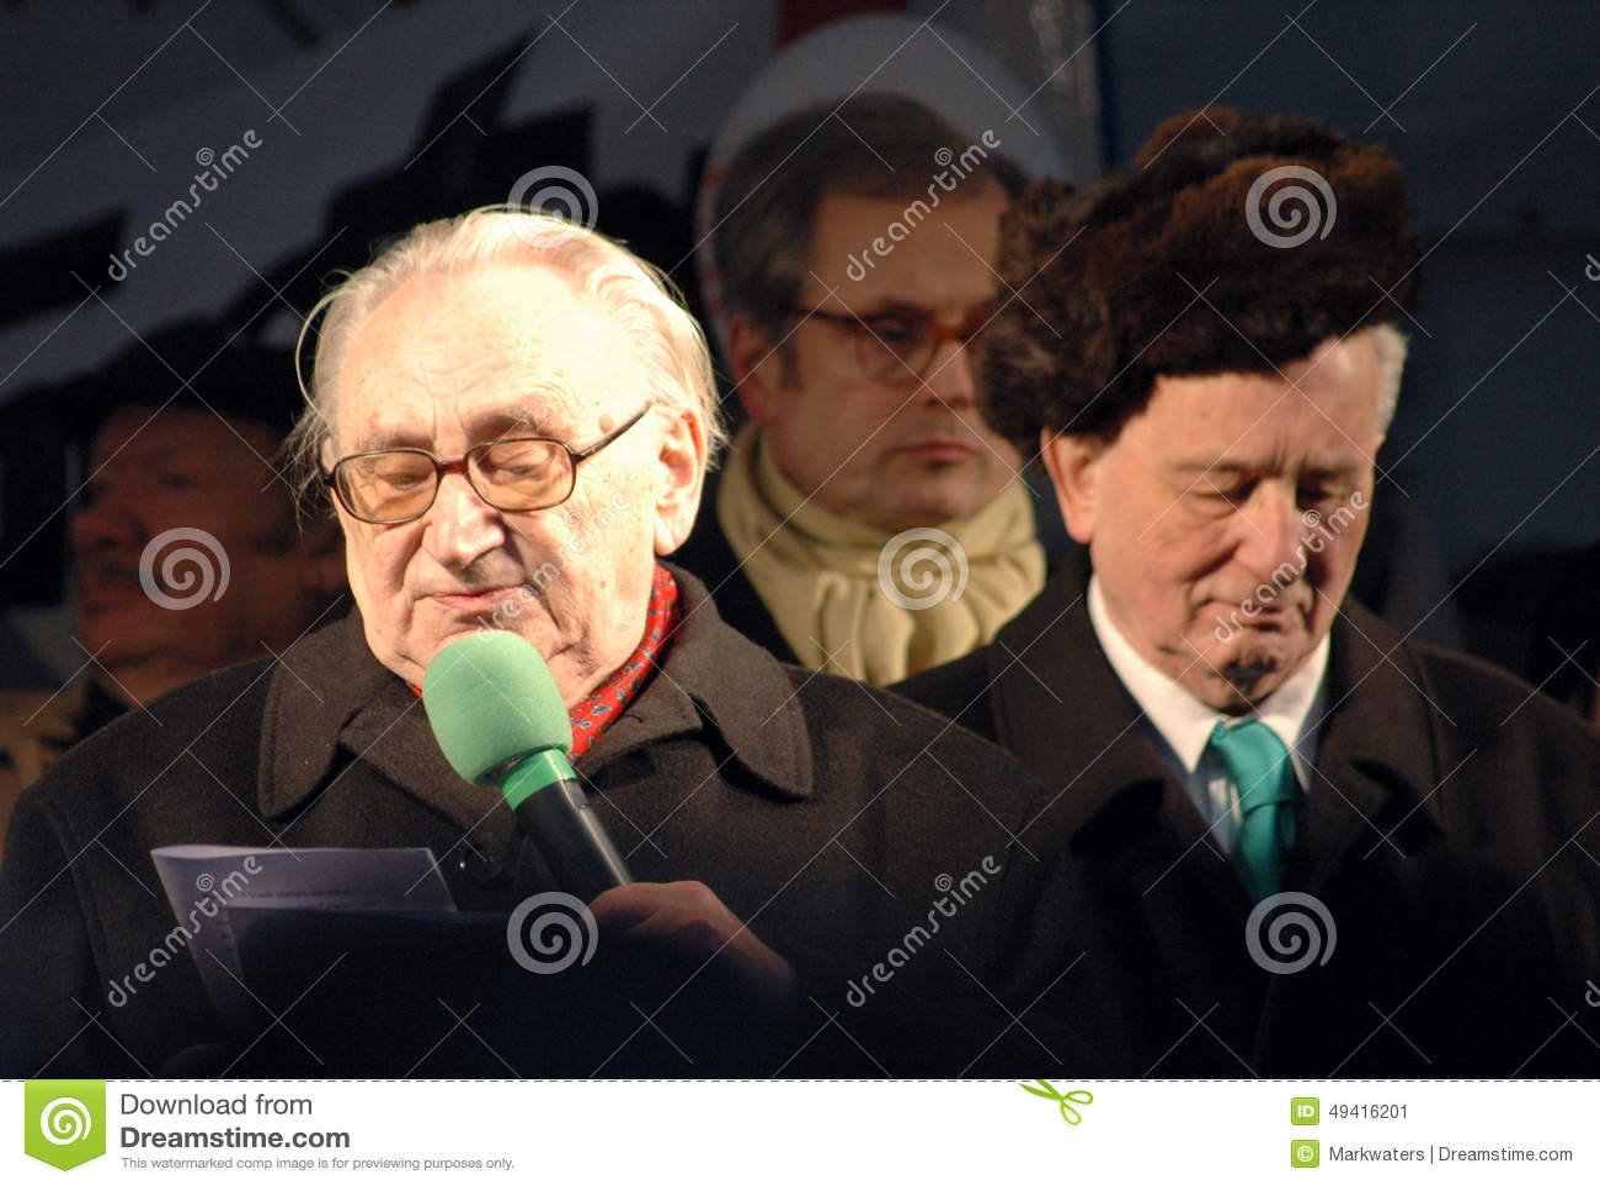 Download Egon Bahr, Rolf Hochhuth redaktionelles foto. Bild von politik - 49416201